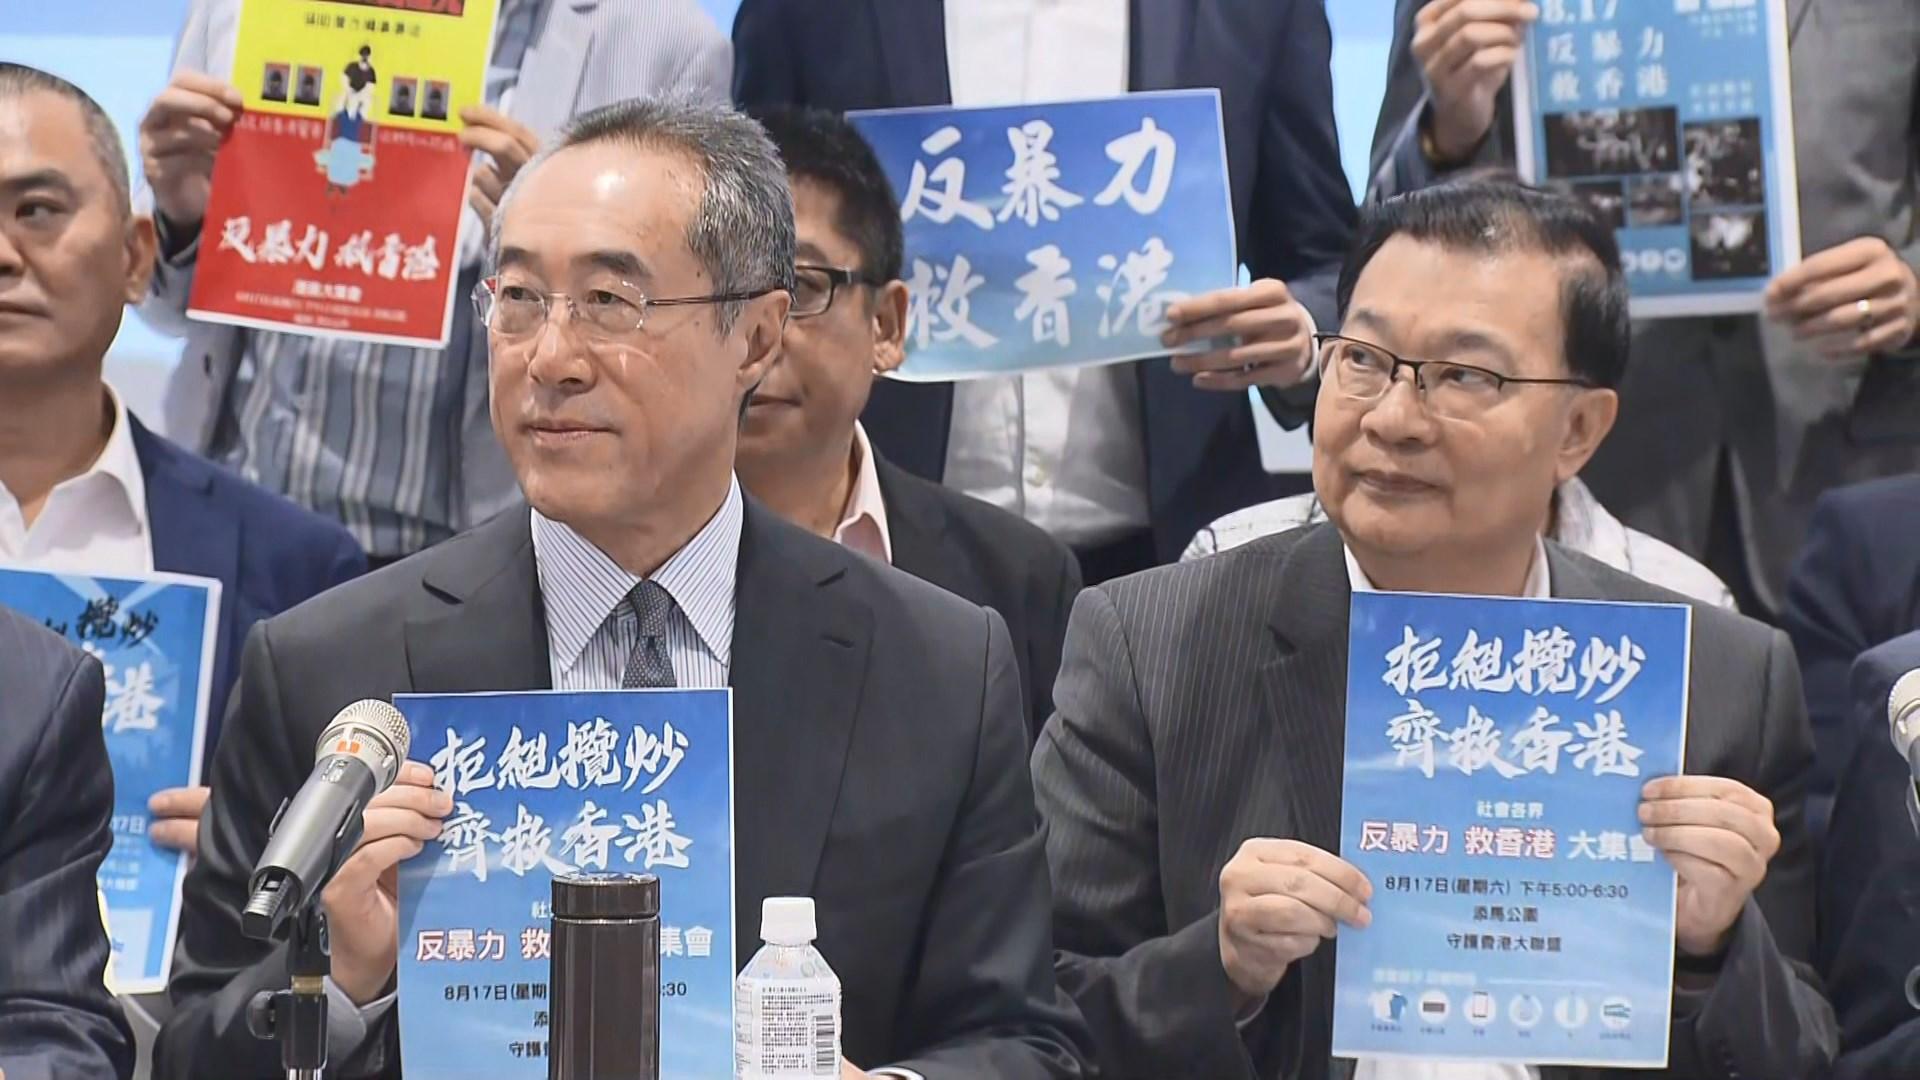 守護香港大聯盟發起周六反暴力集會